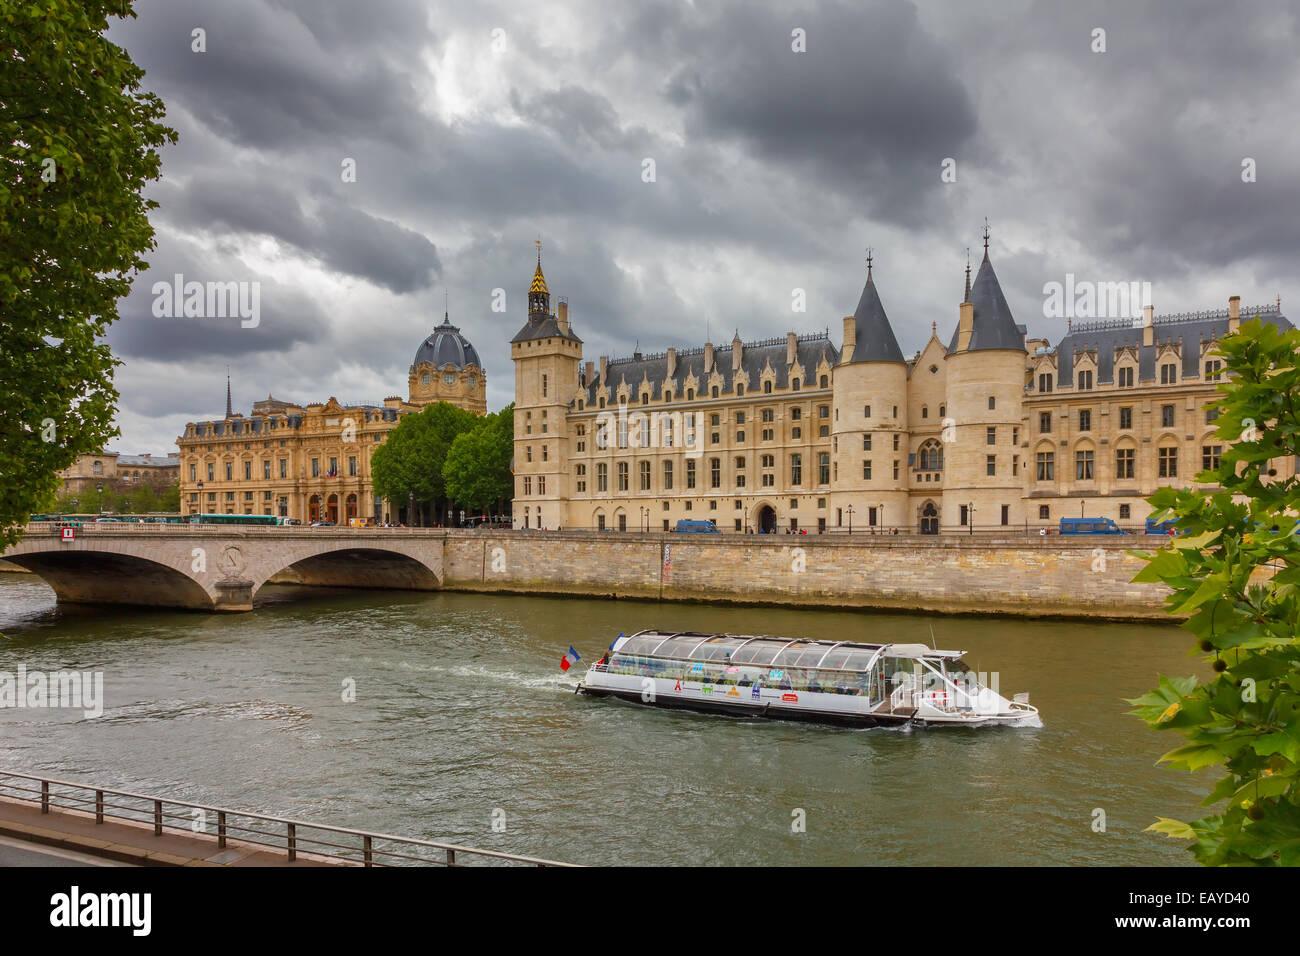 Pont au Change over the Seine River,  Palais de Justice and the Conciergerie in Paris, France - Stock Image